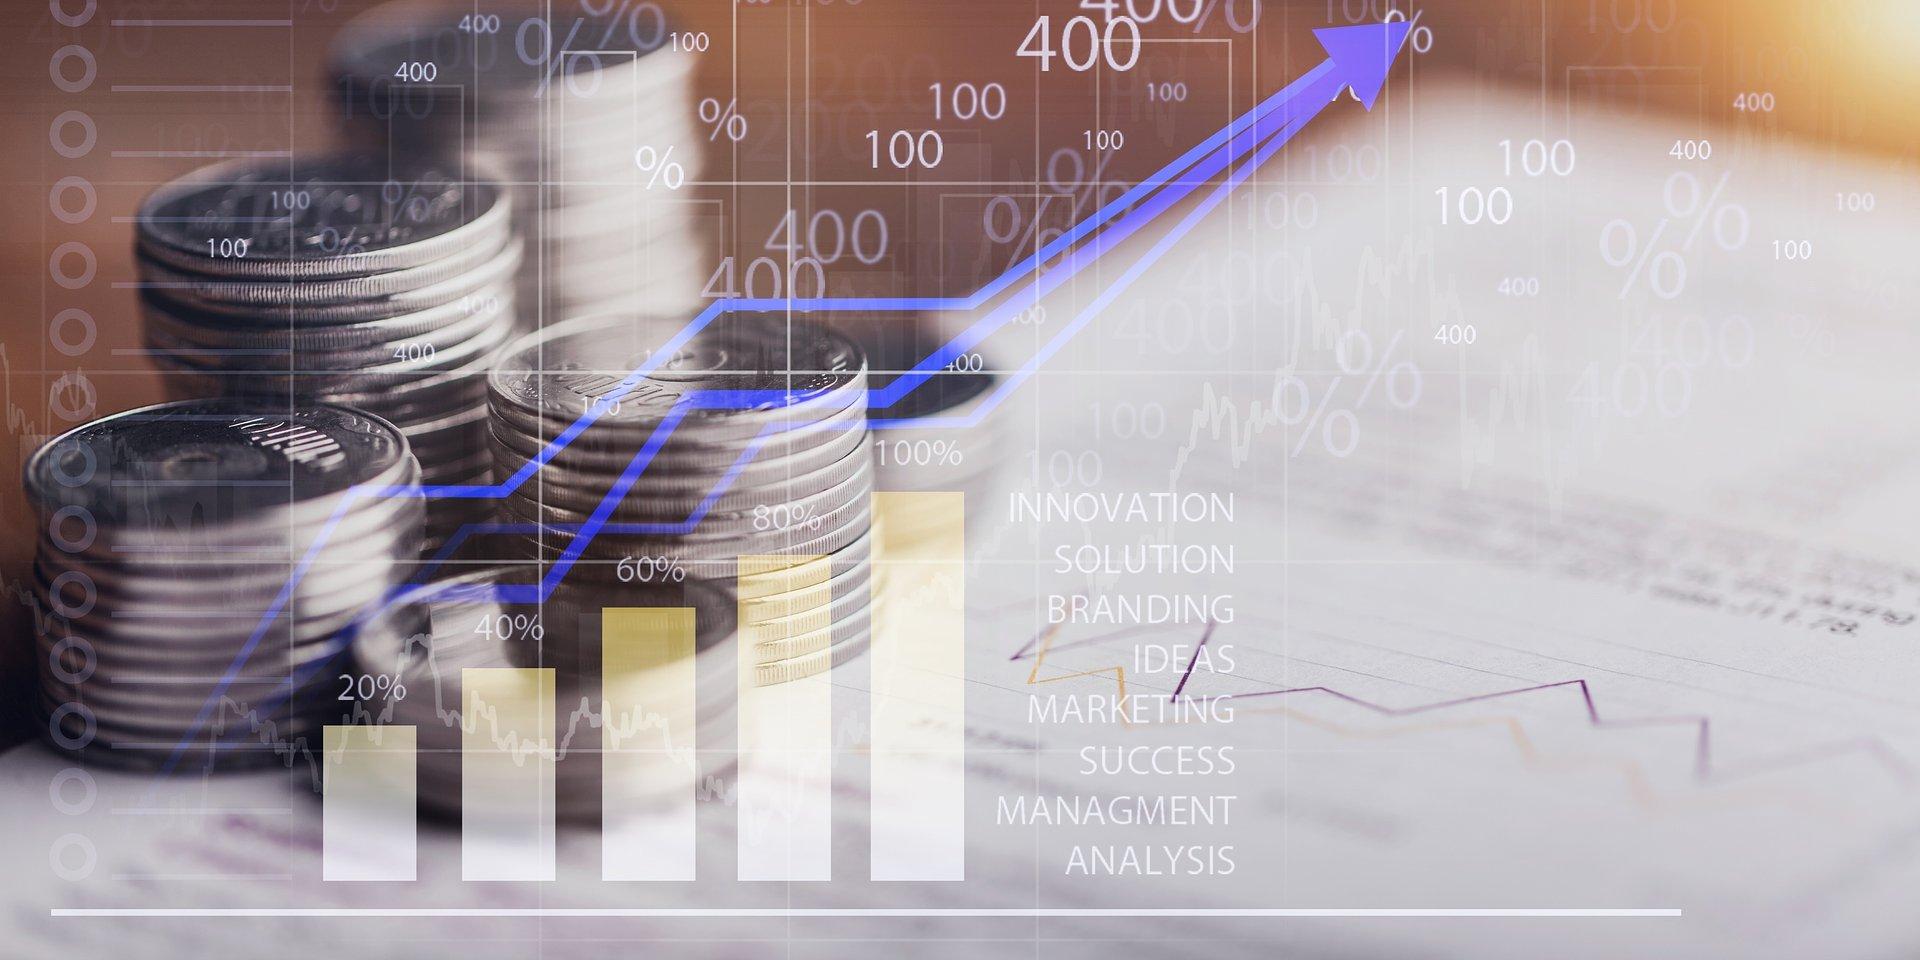 Nowy nabór wniosków o pożyczki płynnościowe